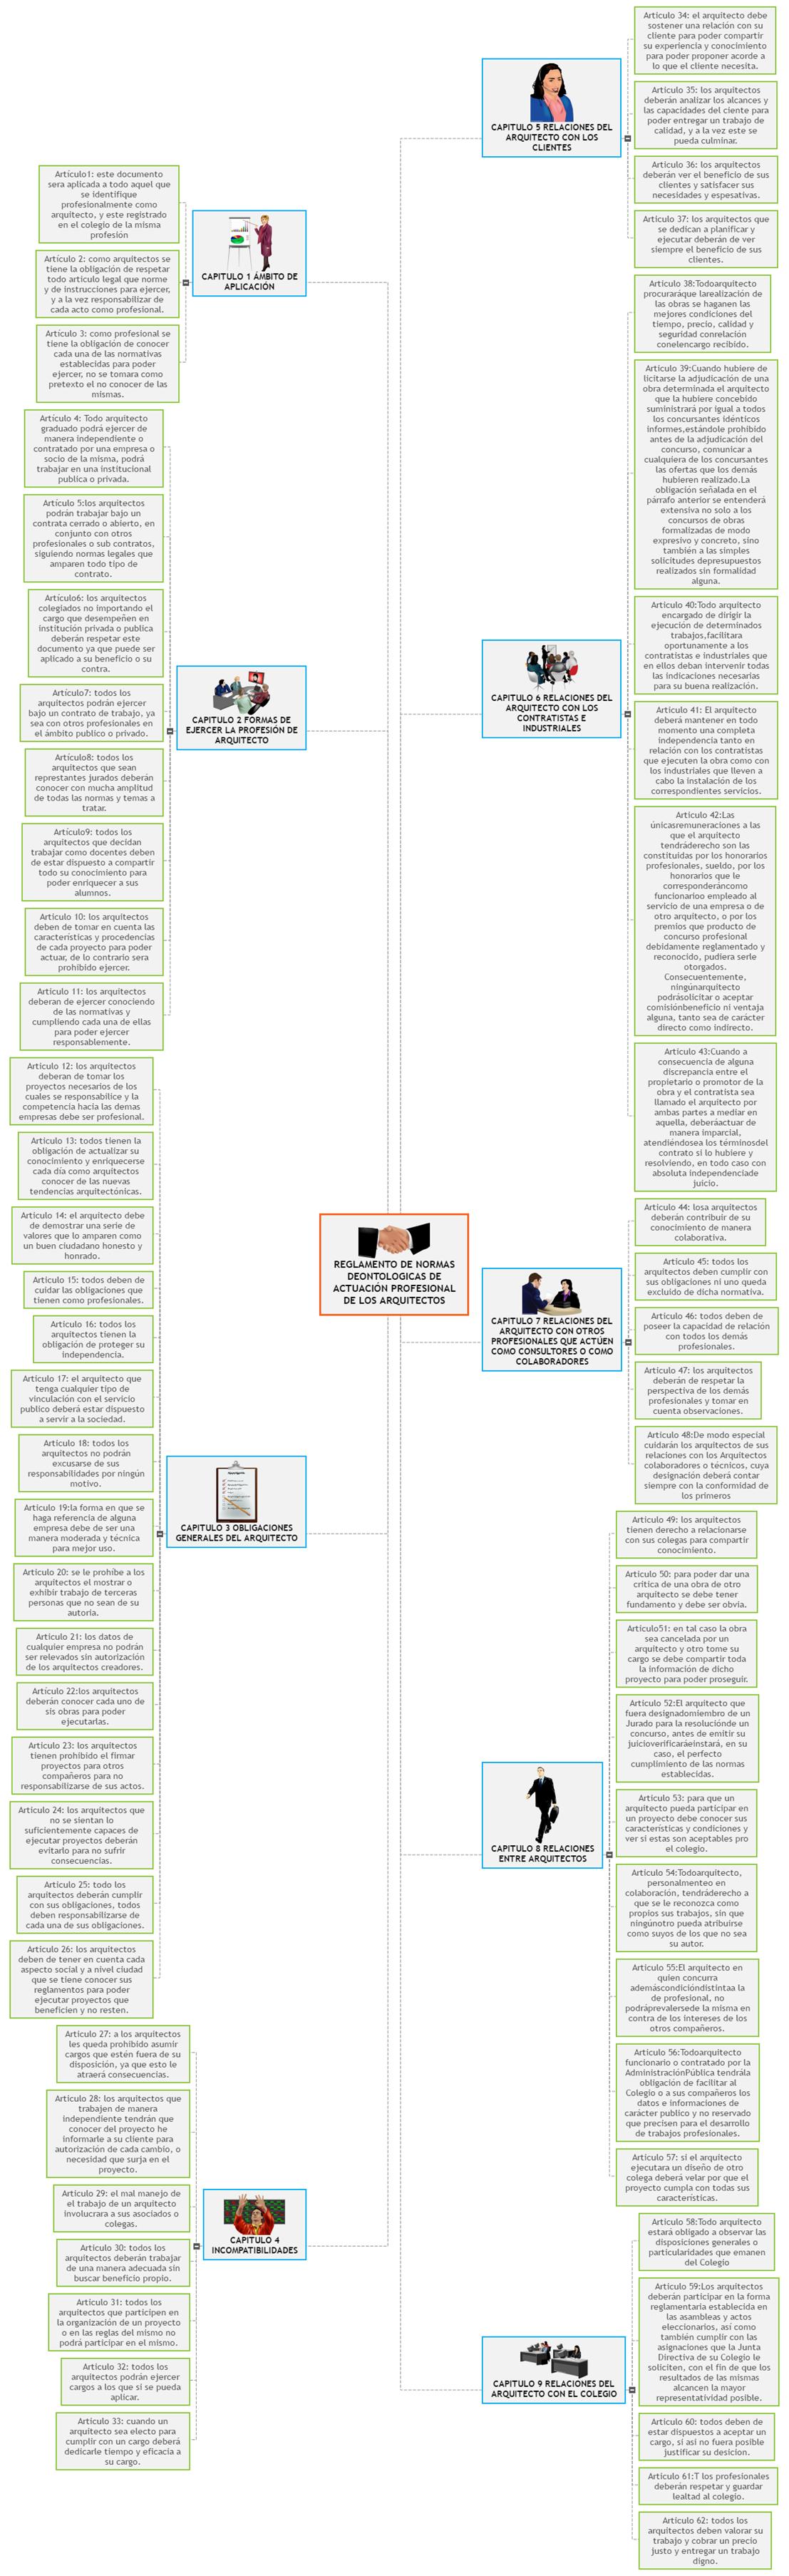 REGLAMENTO DE NORMAS DEONTOLOGICAS DE ACTUACIÓN PROFESIONAL DE LOS ARQUITECTOS Mind Map